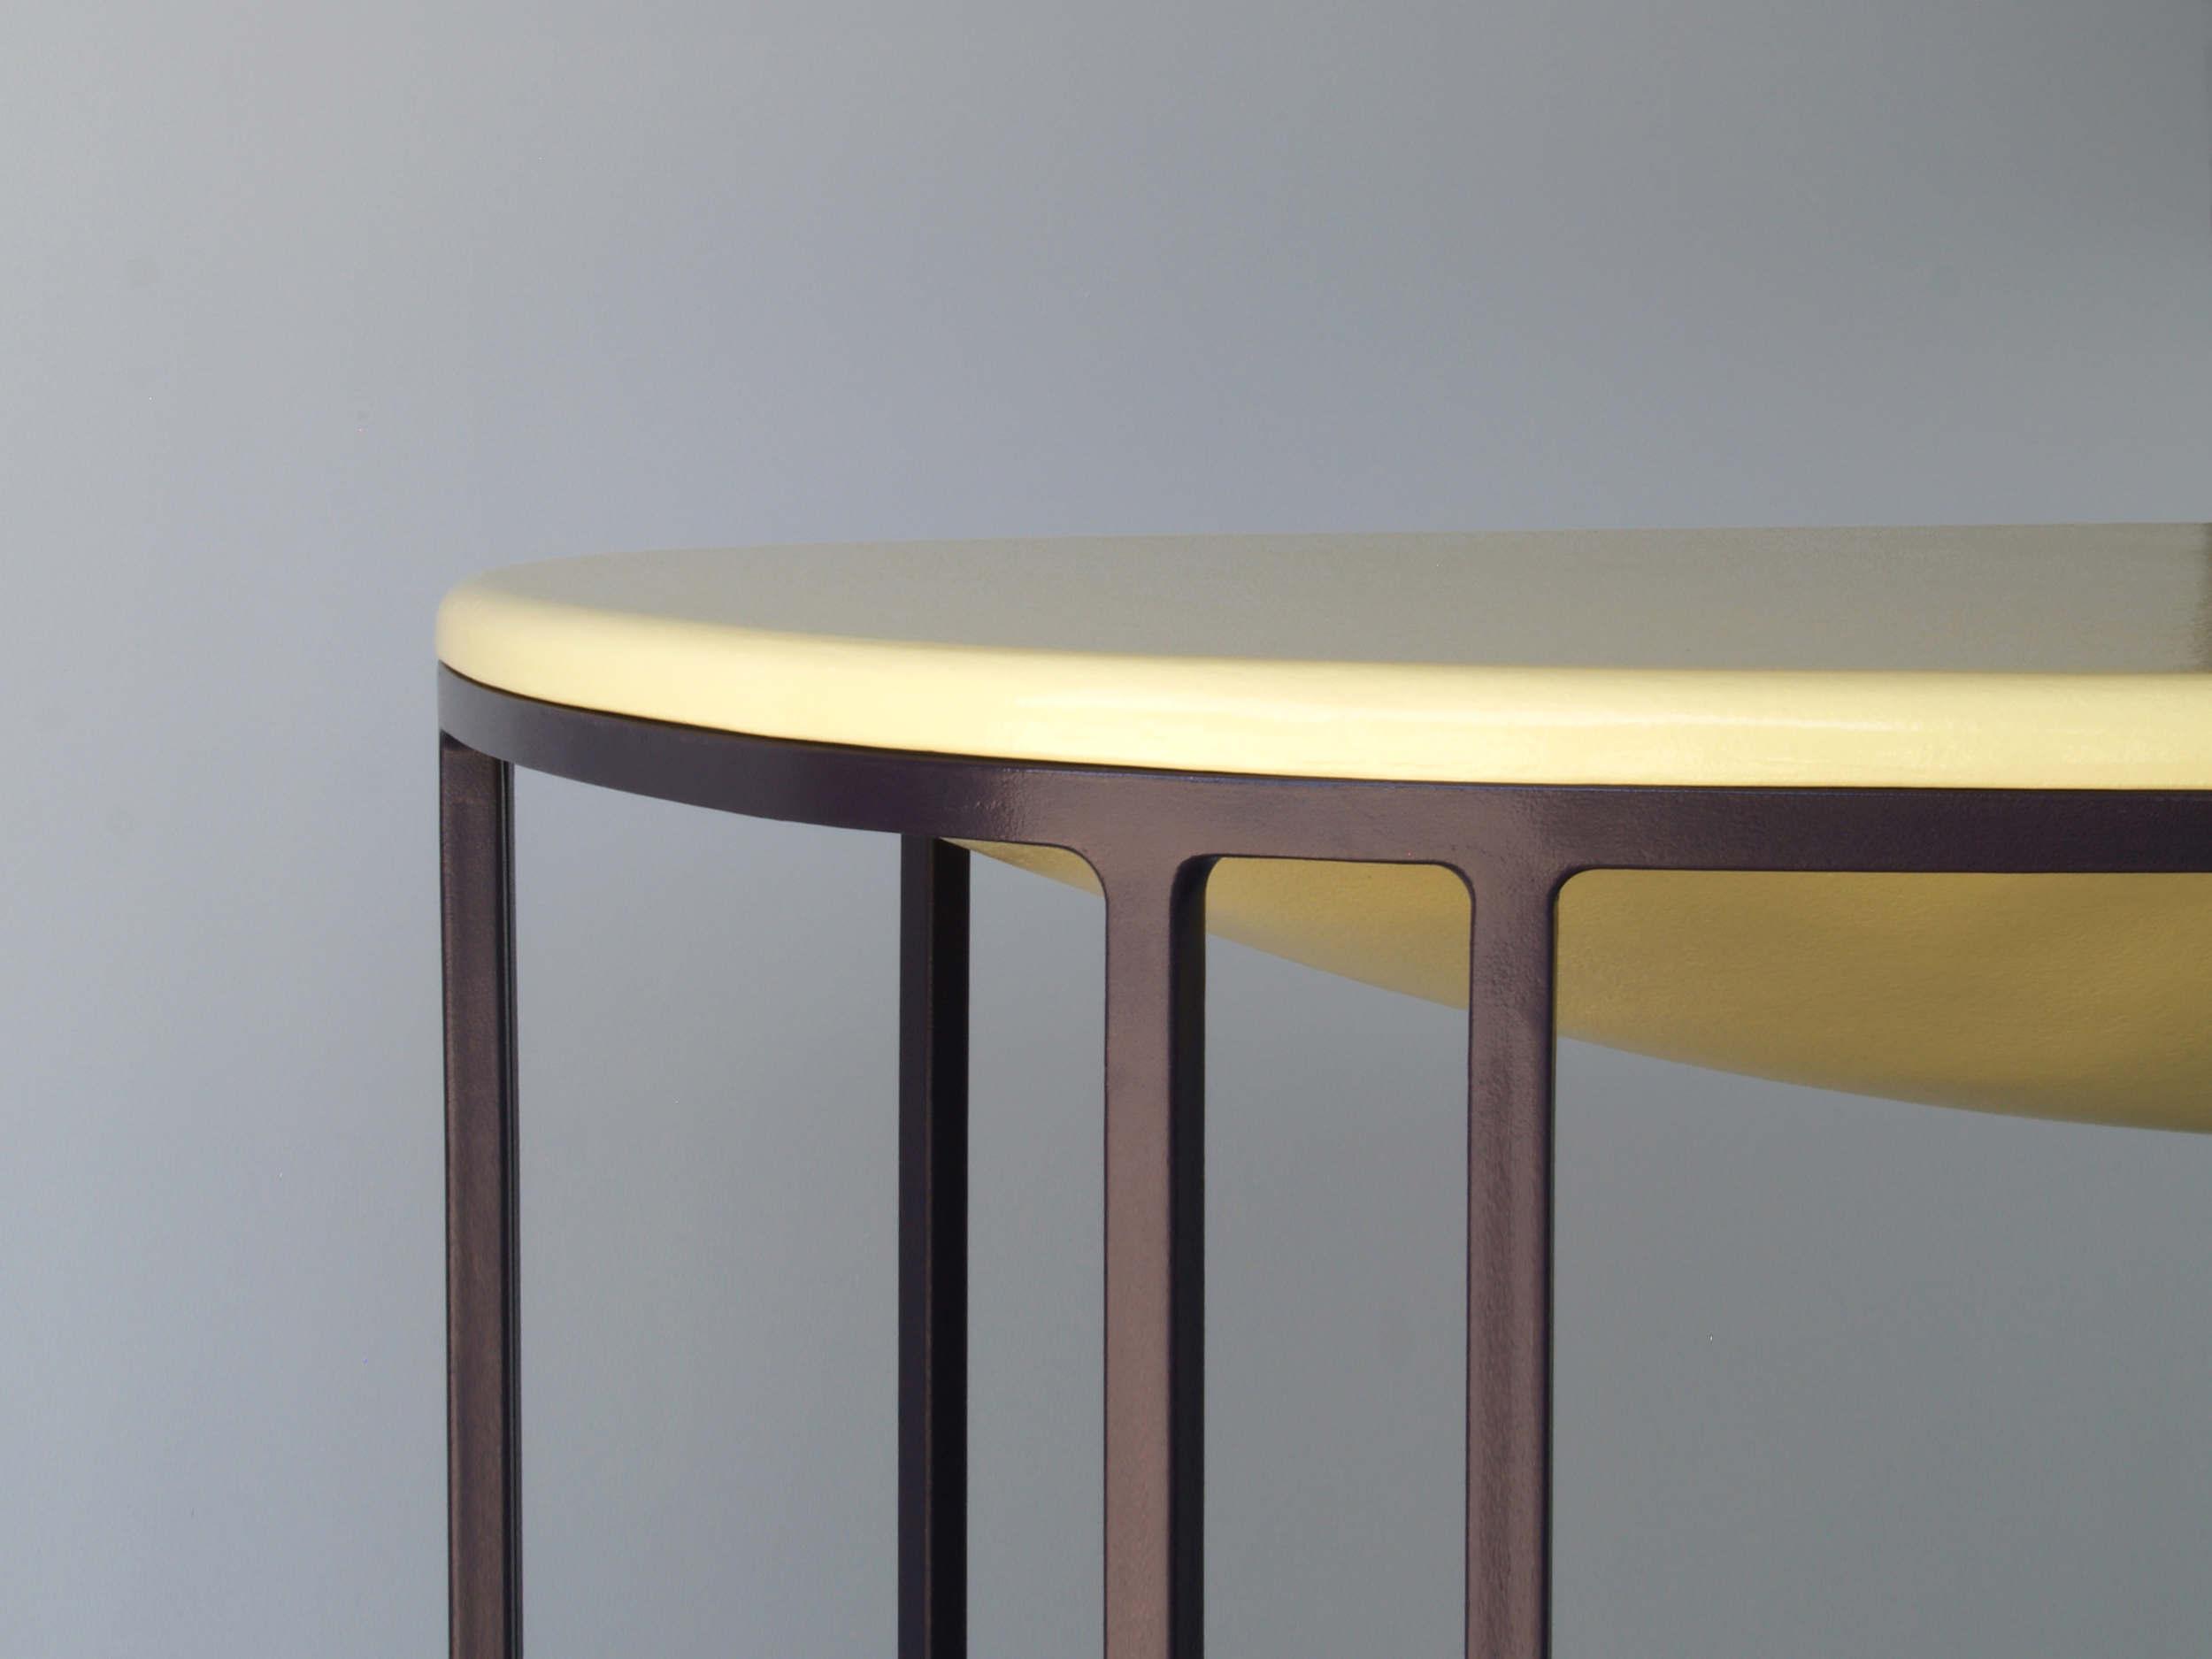 Bureau Table 2010 Lukas Peet Design